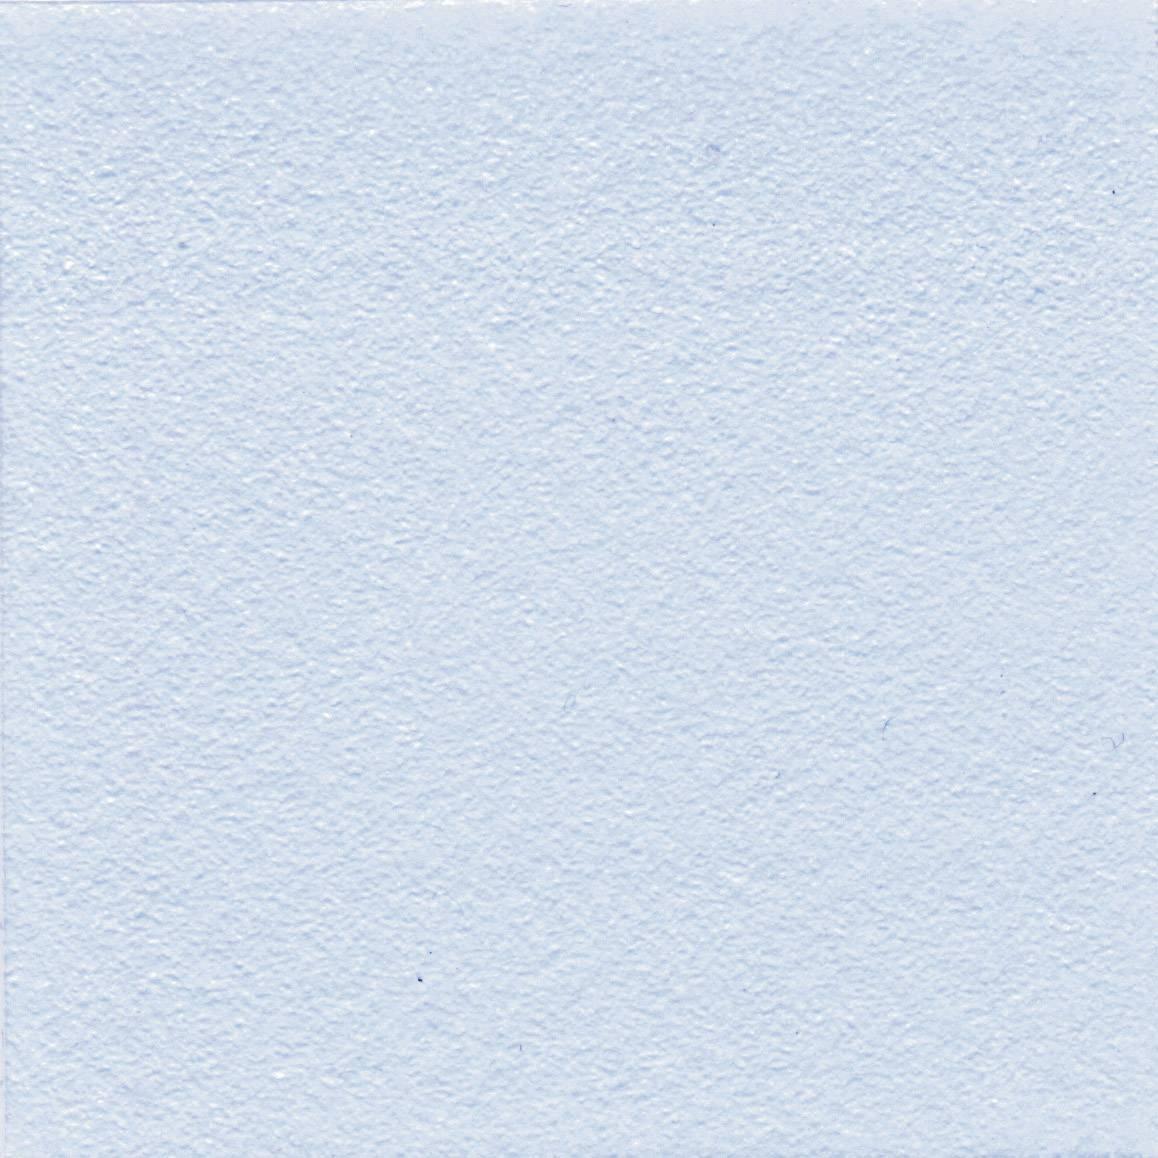 Teplovodivá fólie SoftthermR 86/300 50x50x5 mm